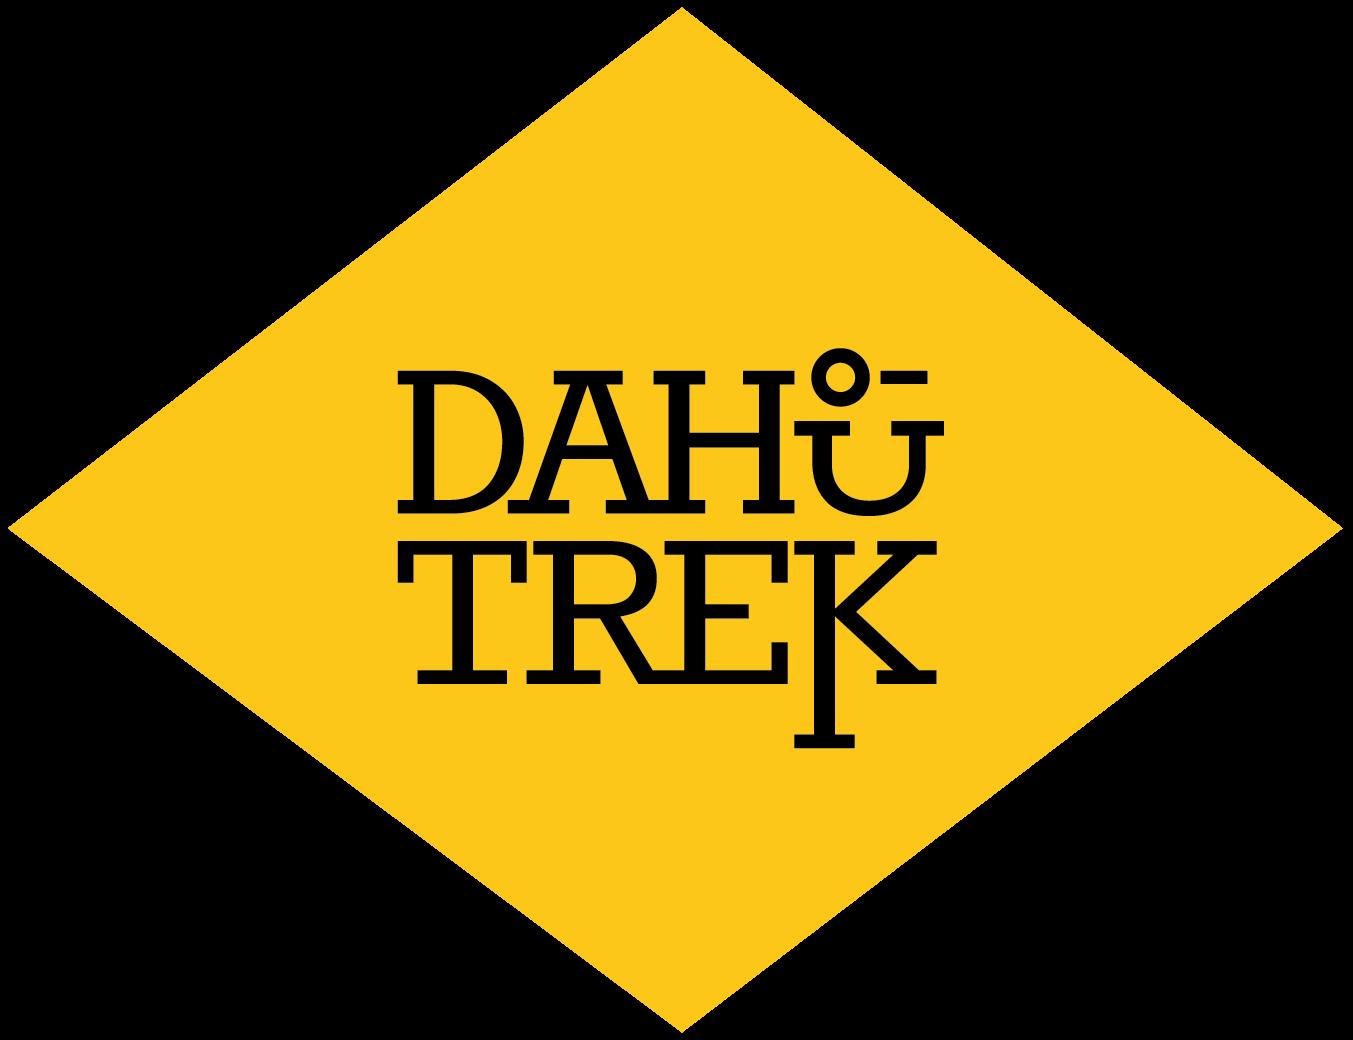 DahuTrek